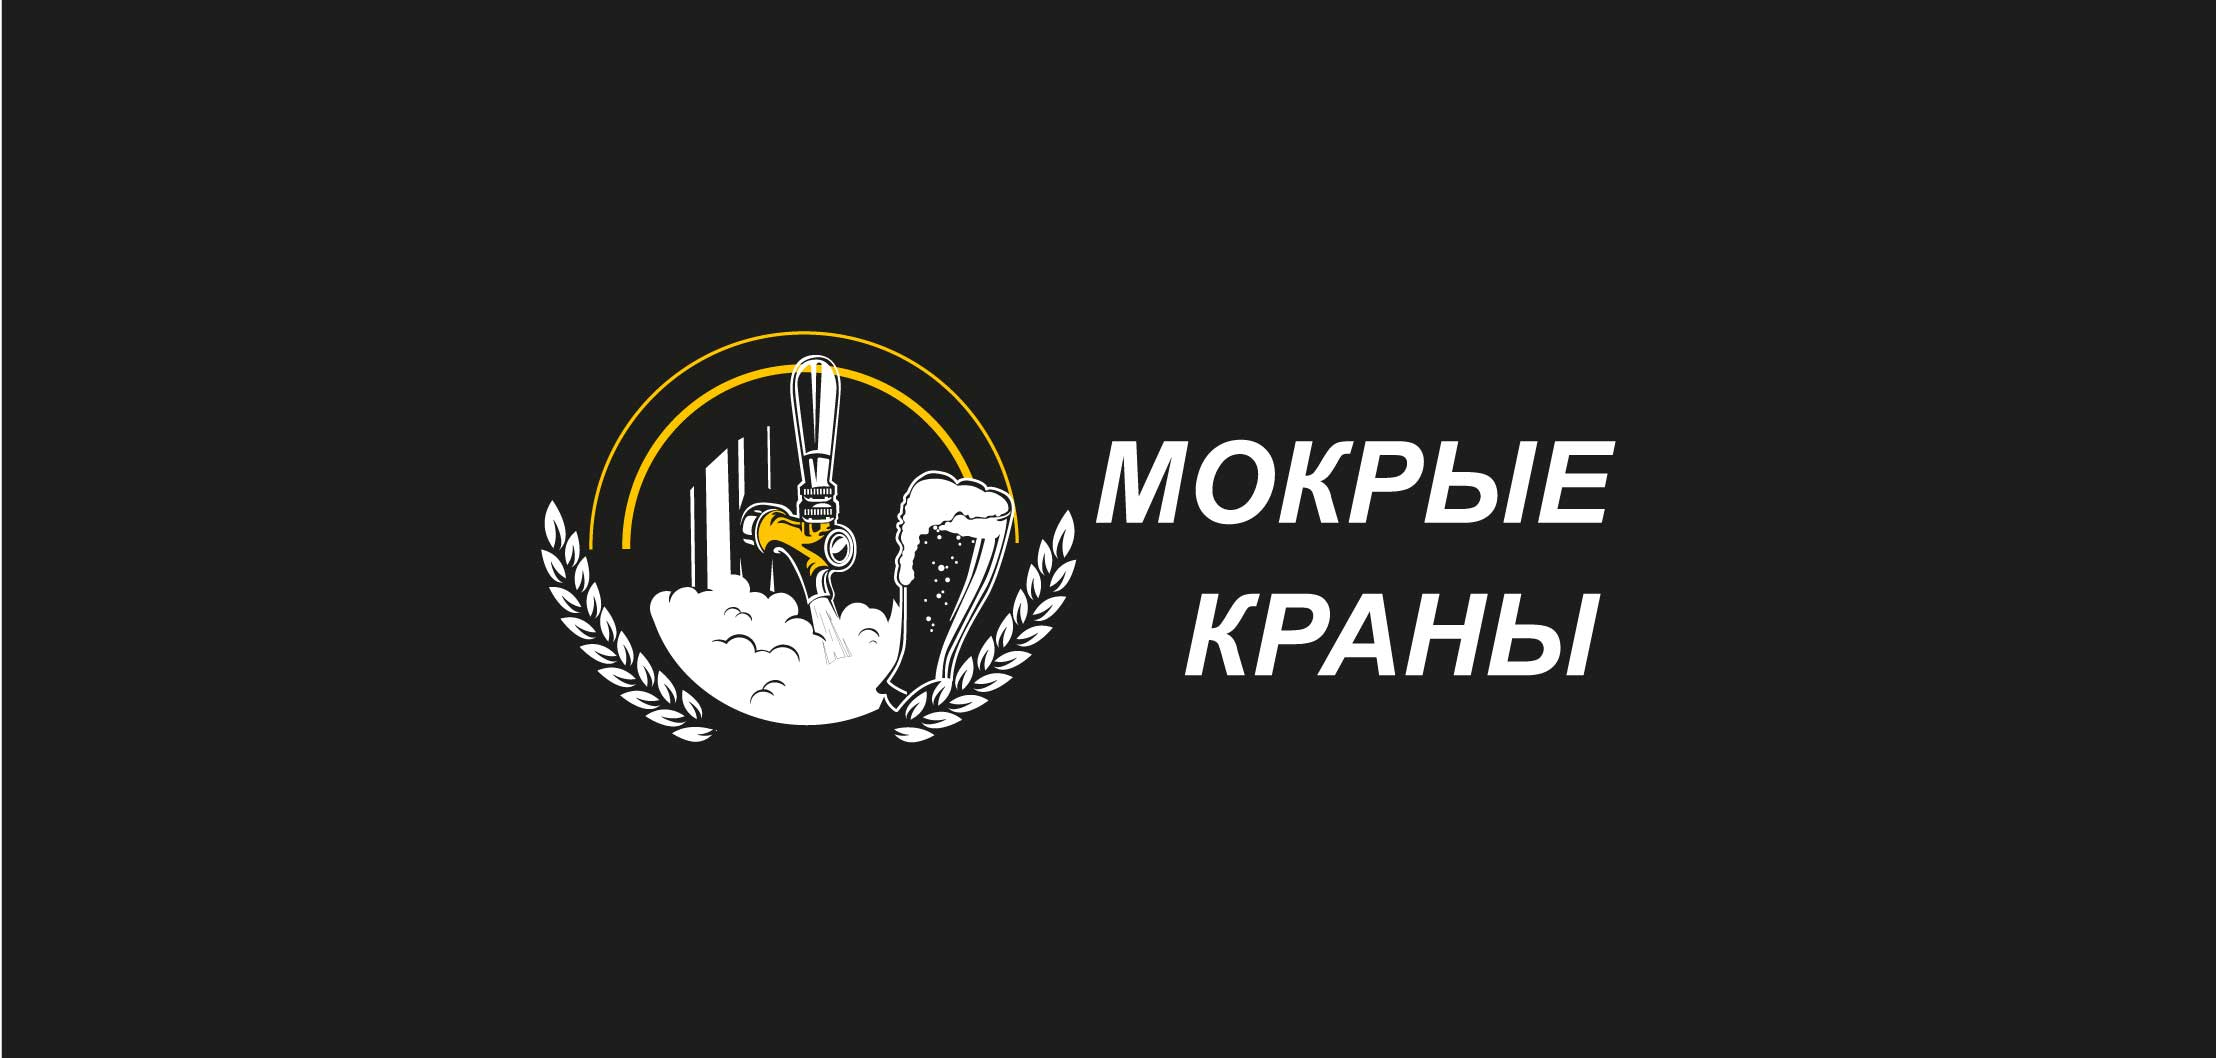 Вывеска/логотип для пивного магазина фото f_57360227db0b0c0b.jpg